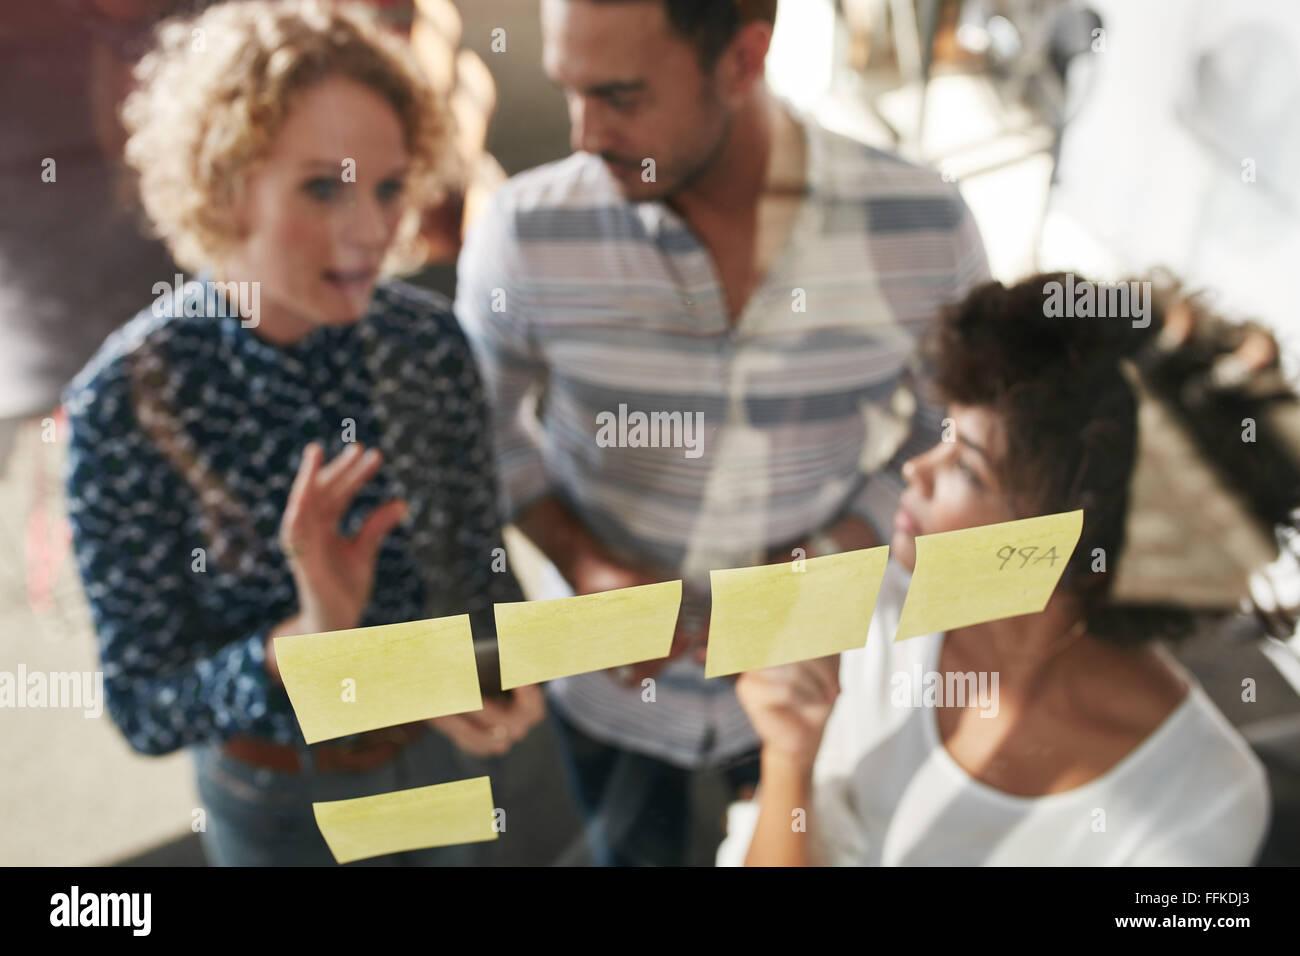 Tre persone di affari avente una riunione in ufficio. Essi sono in piedi nella parte anteriore della parete di vetro Immagini Stock